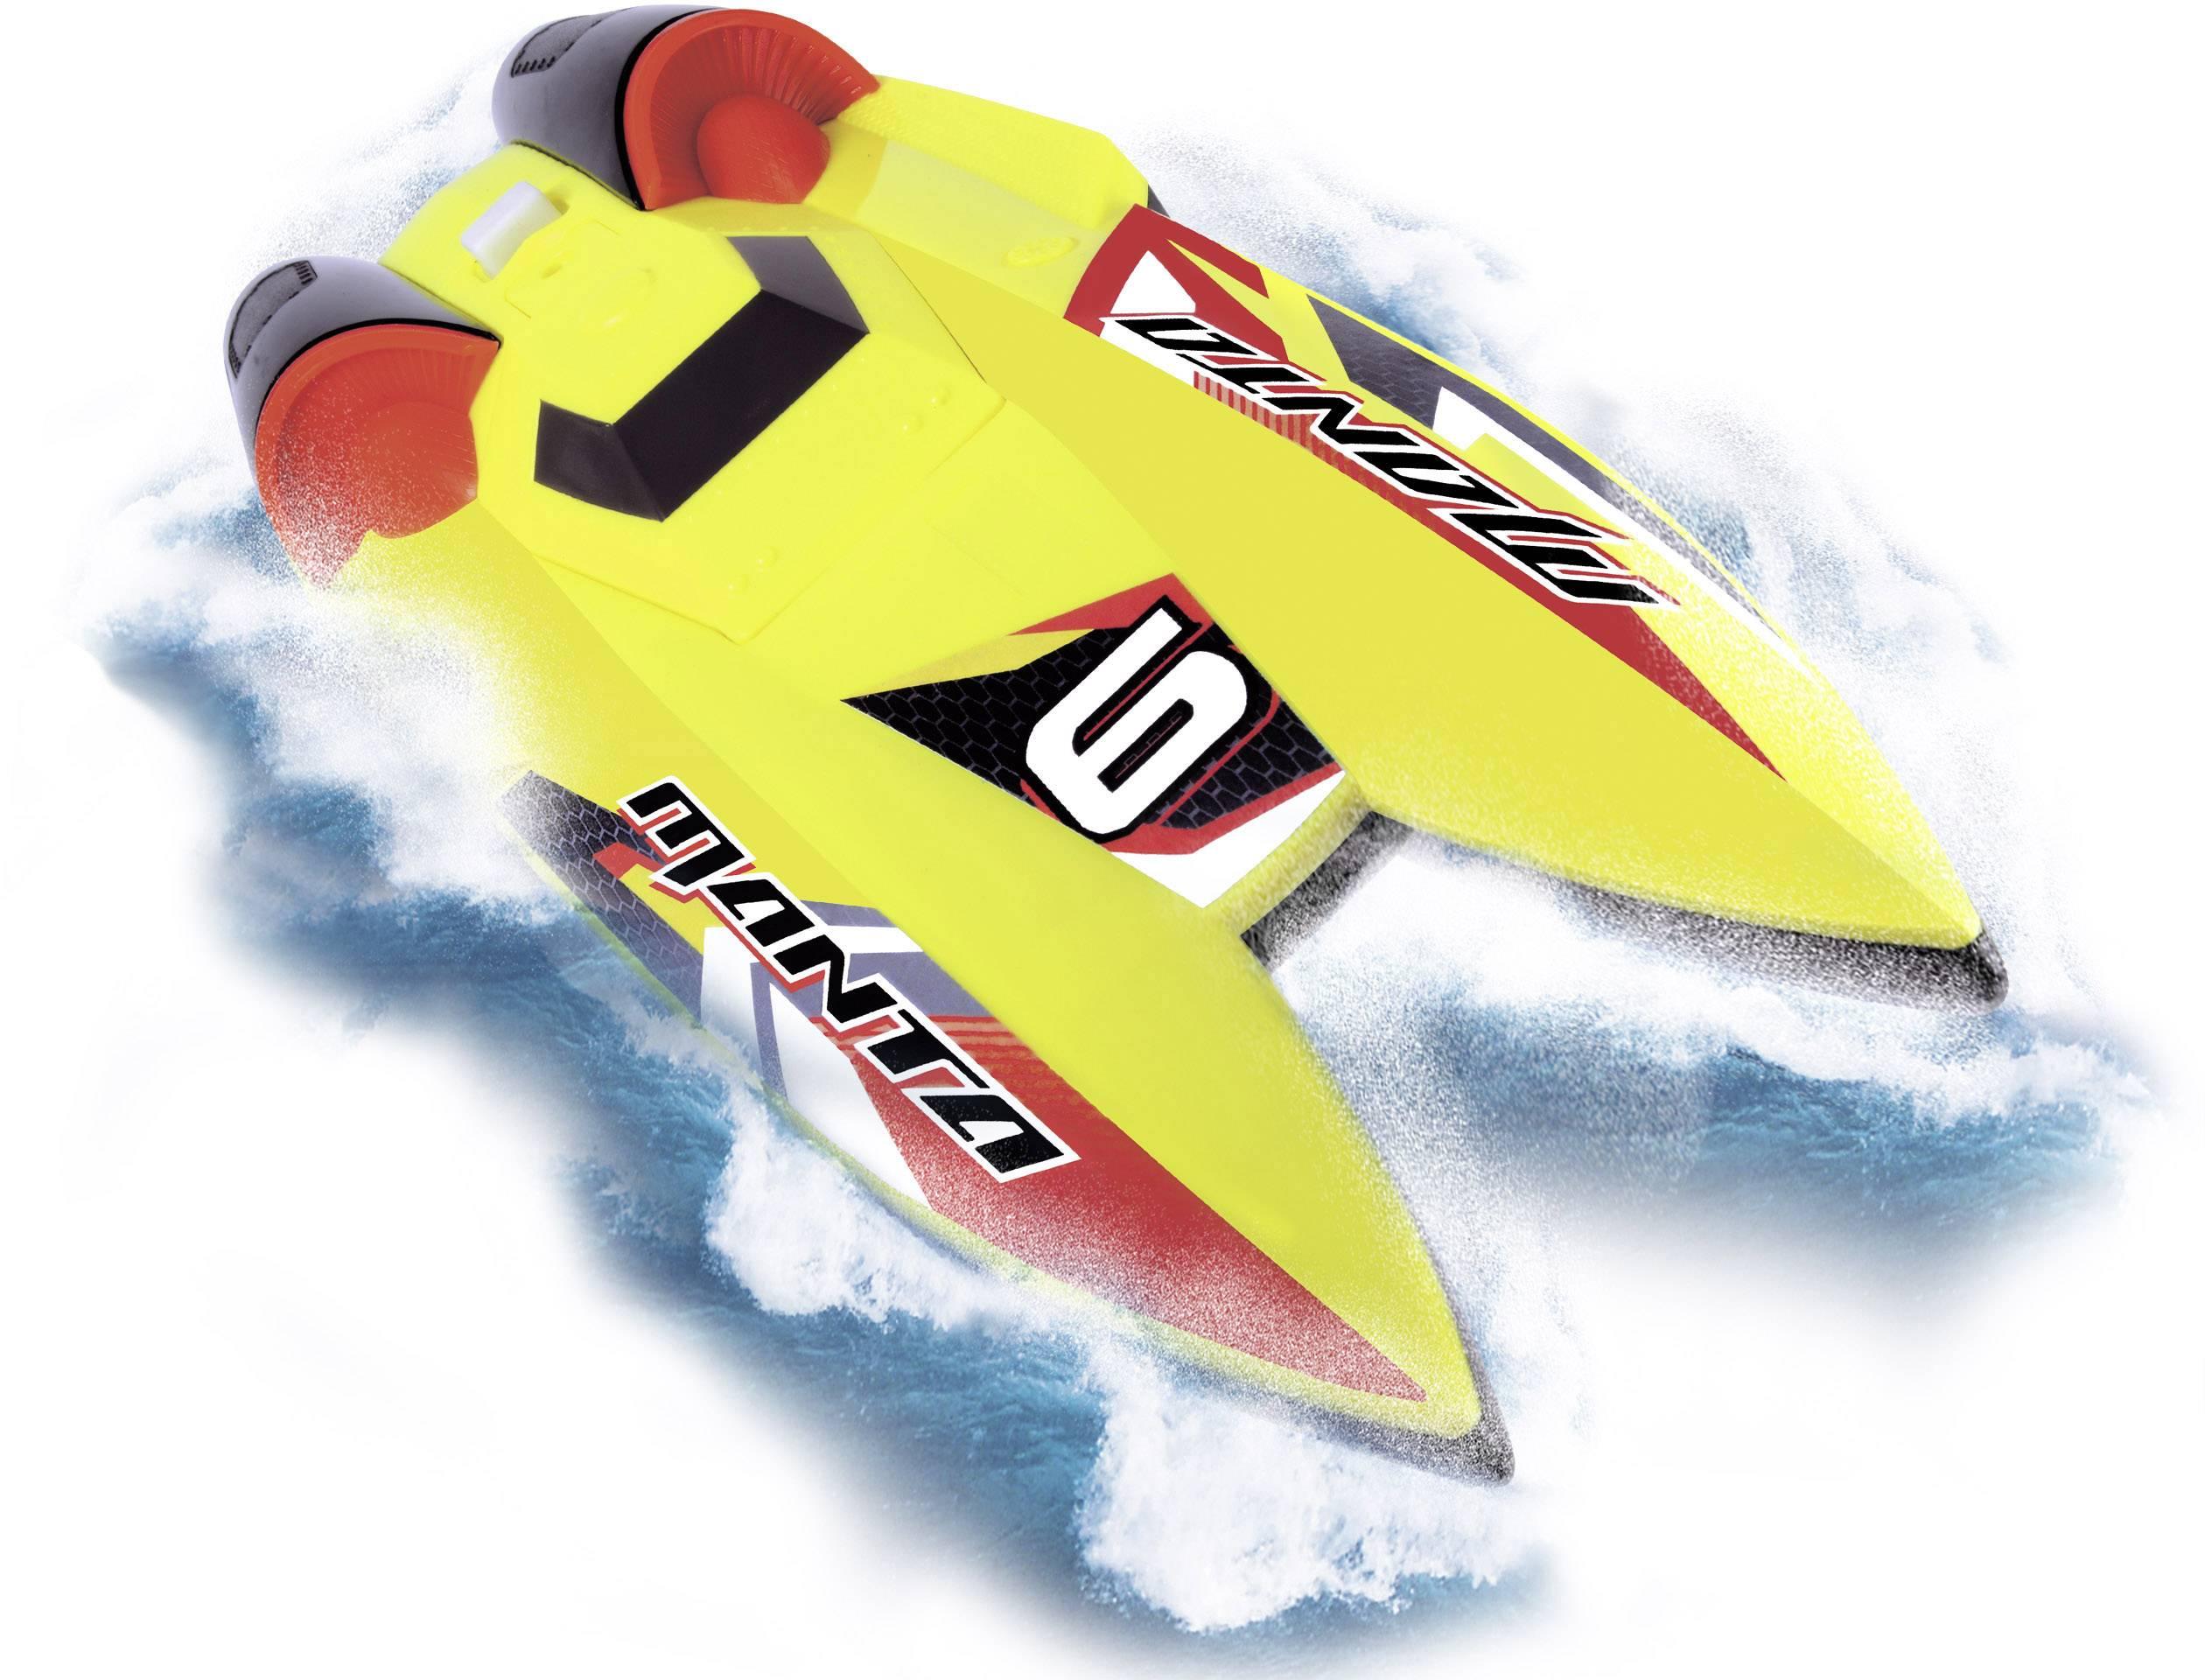 RC model motorového člunu pro začátečníky Dickie Toys Manta, 310 mm, RtR